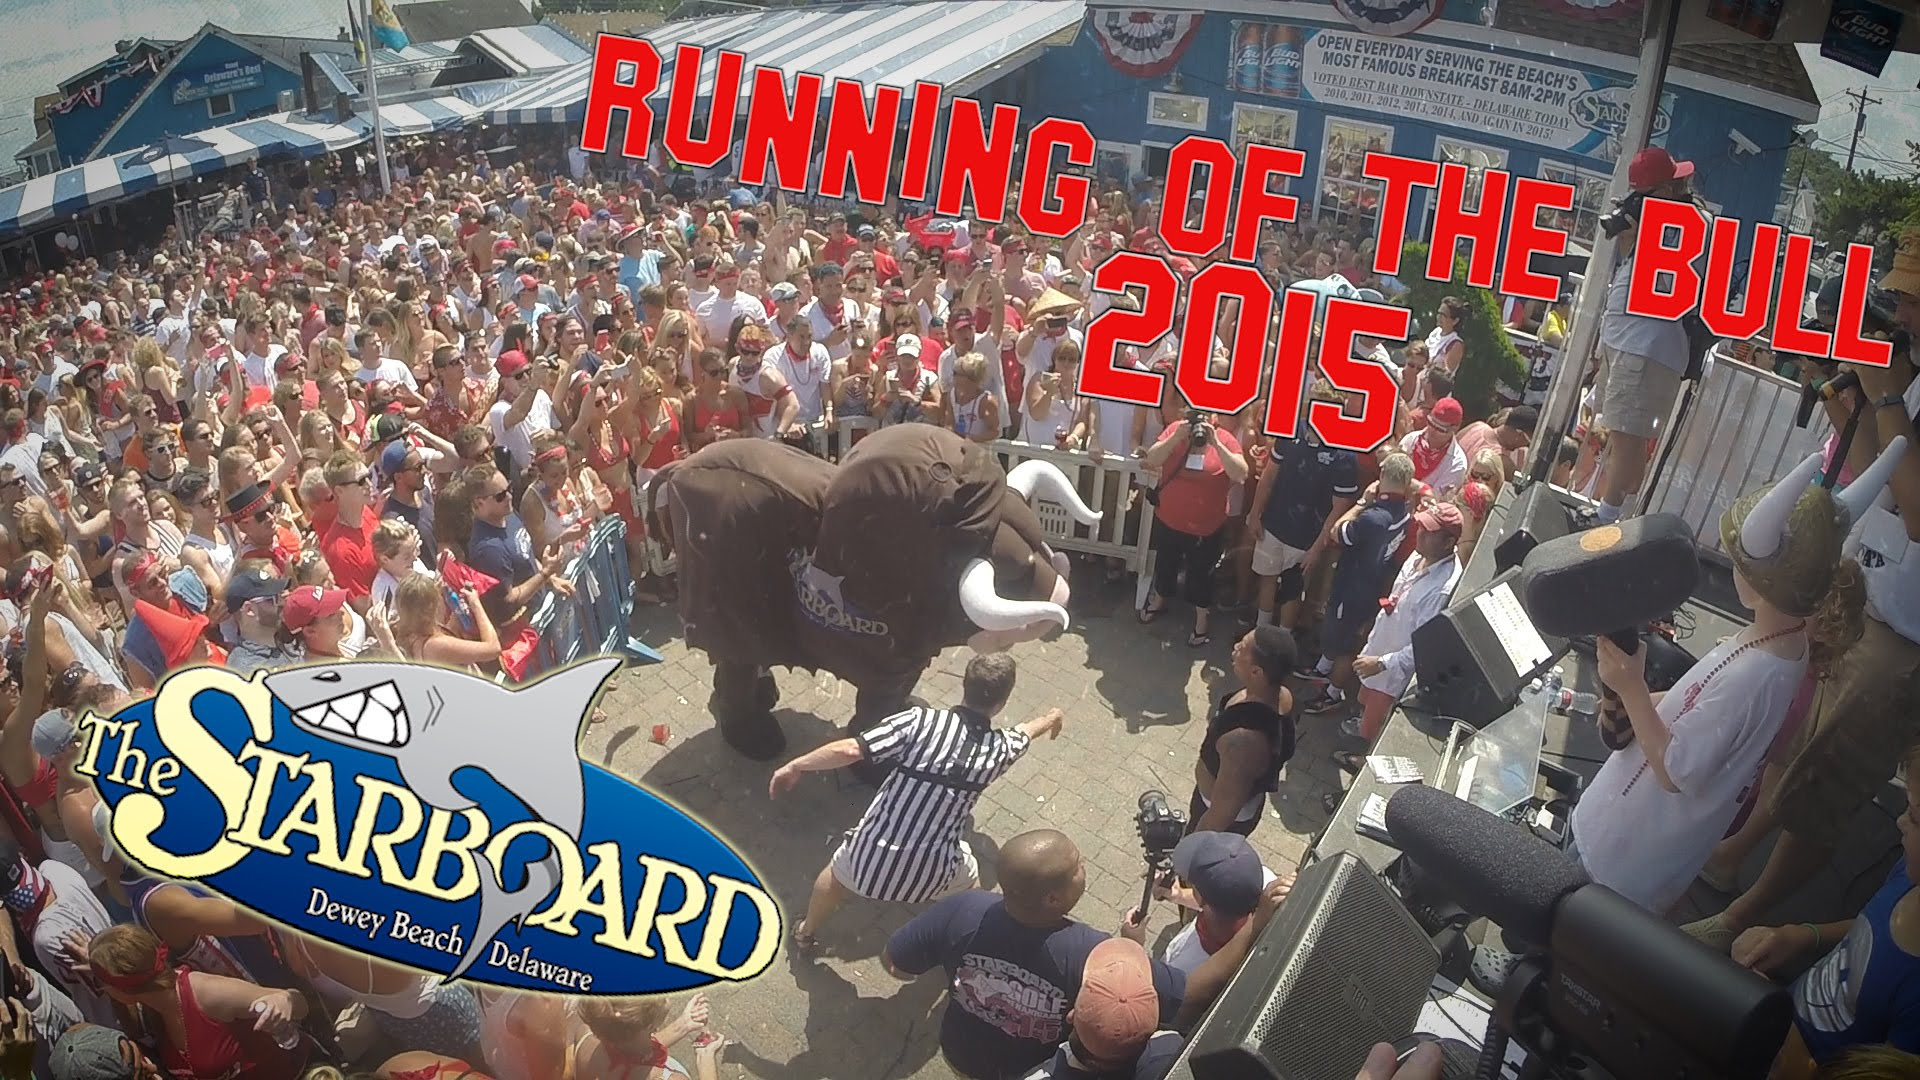 running-of-the-bull